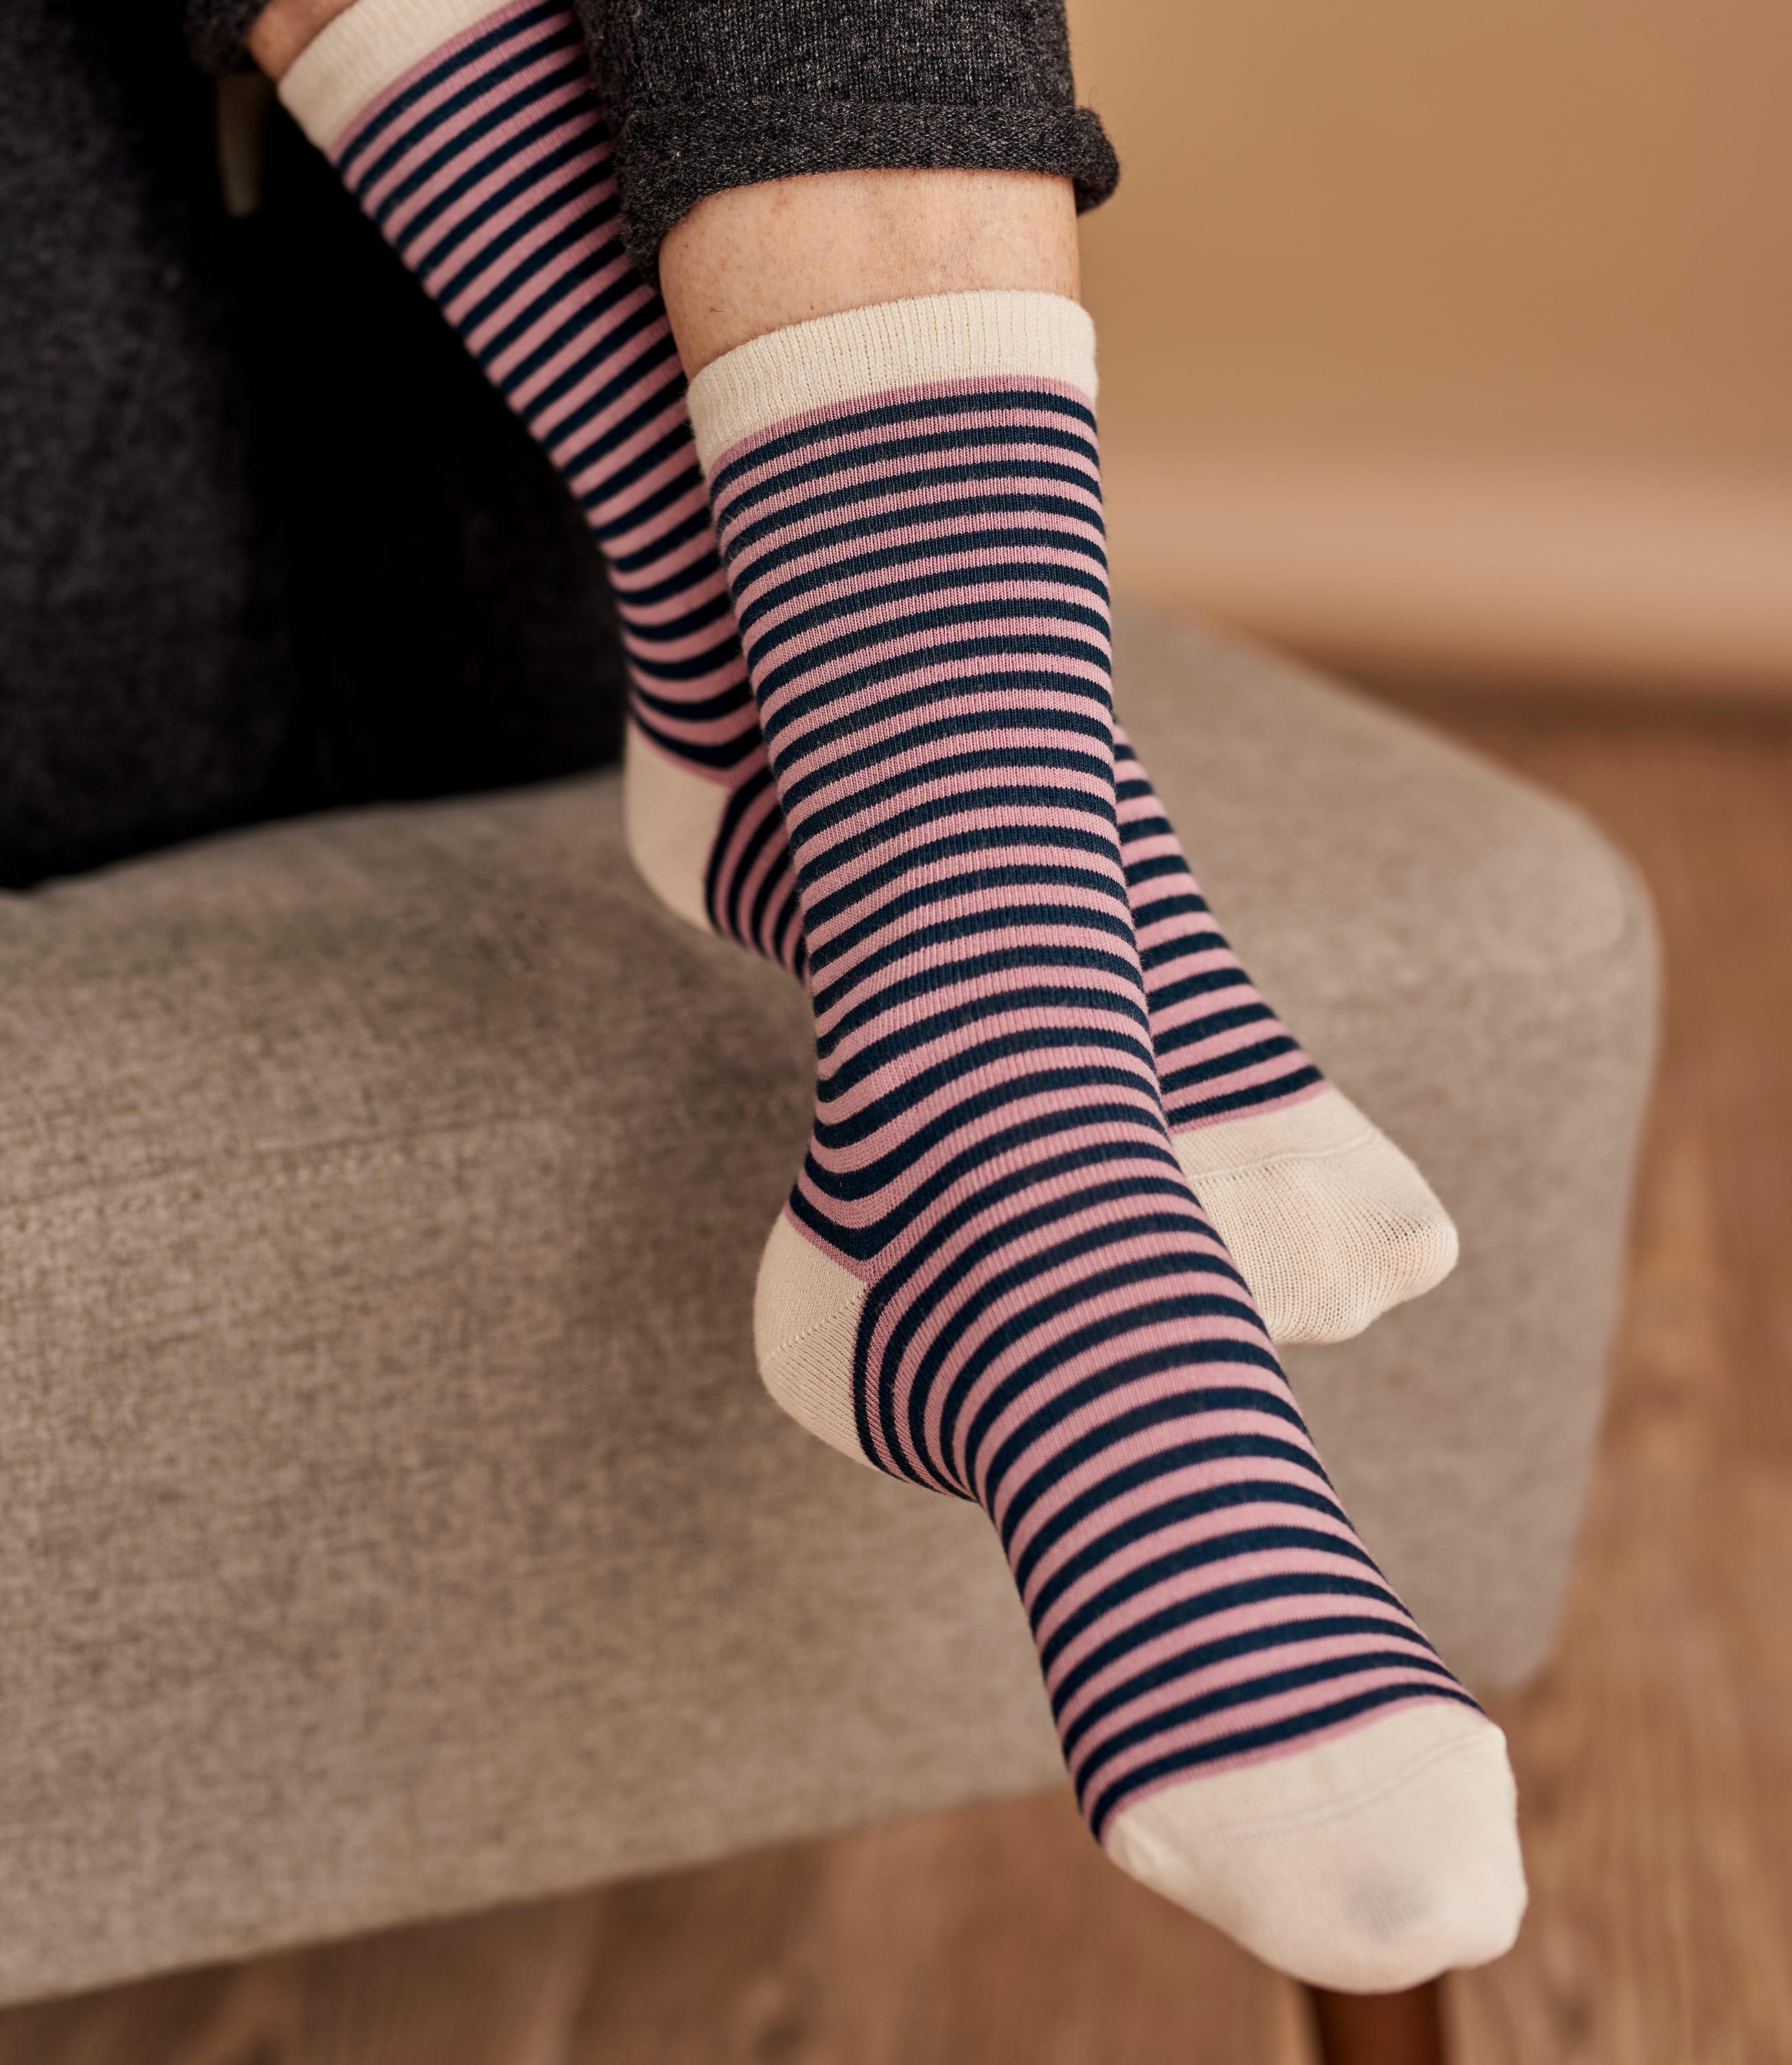 Fashionable Custom Socks Manufacturer in Lviv, Ukraine